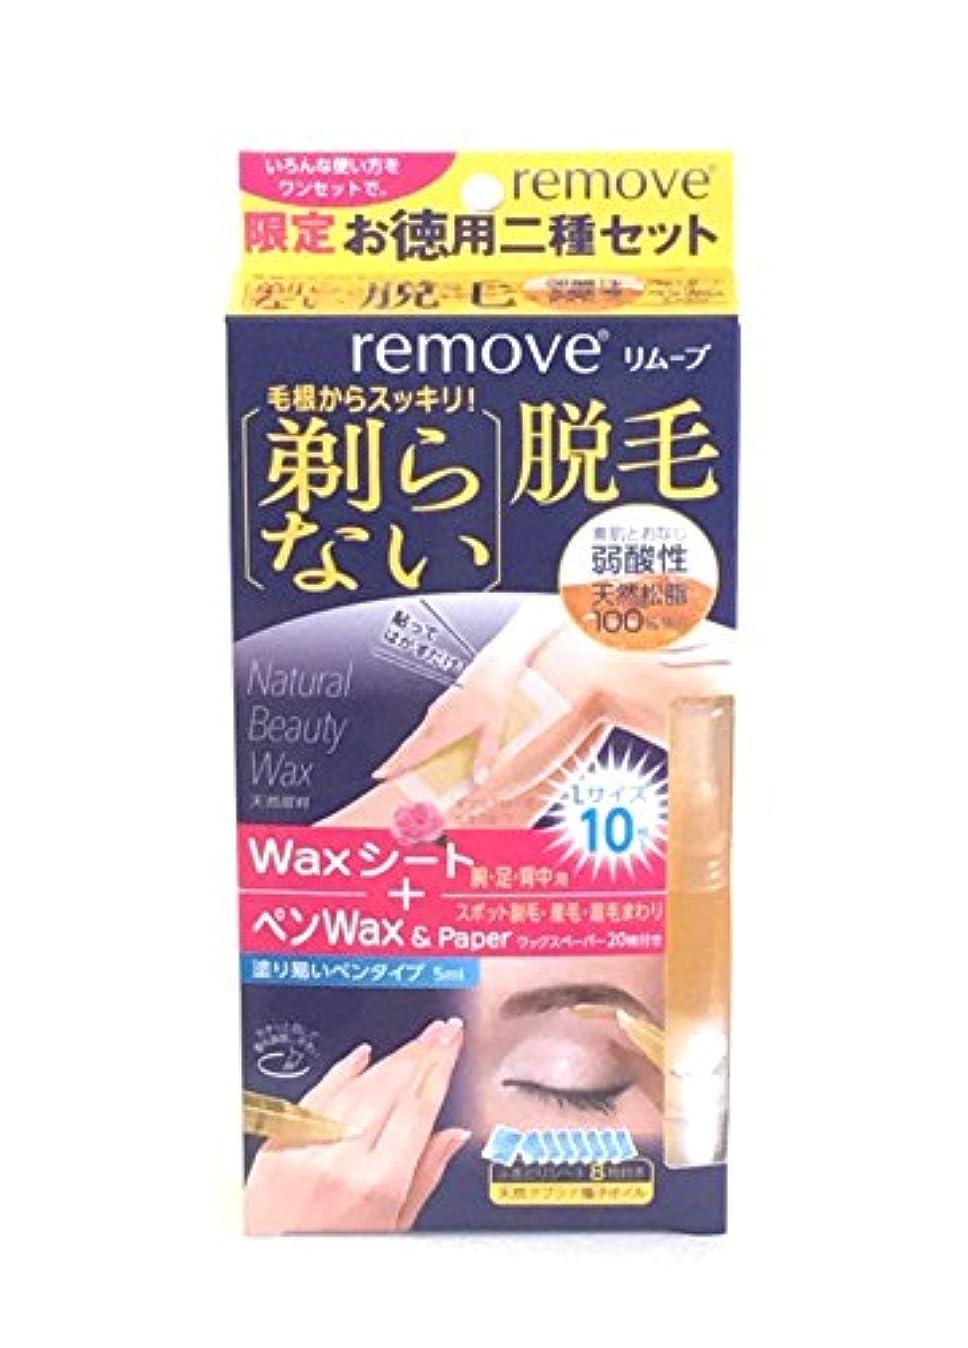 関連するに付ける練るリムーブ 剃らない脱毛 二種ワックスセット (ペンワックス 5ml、ワックスシート 10枚)